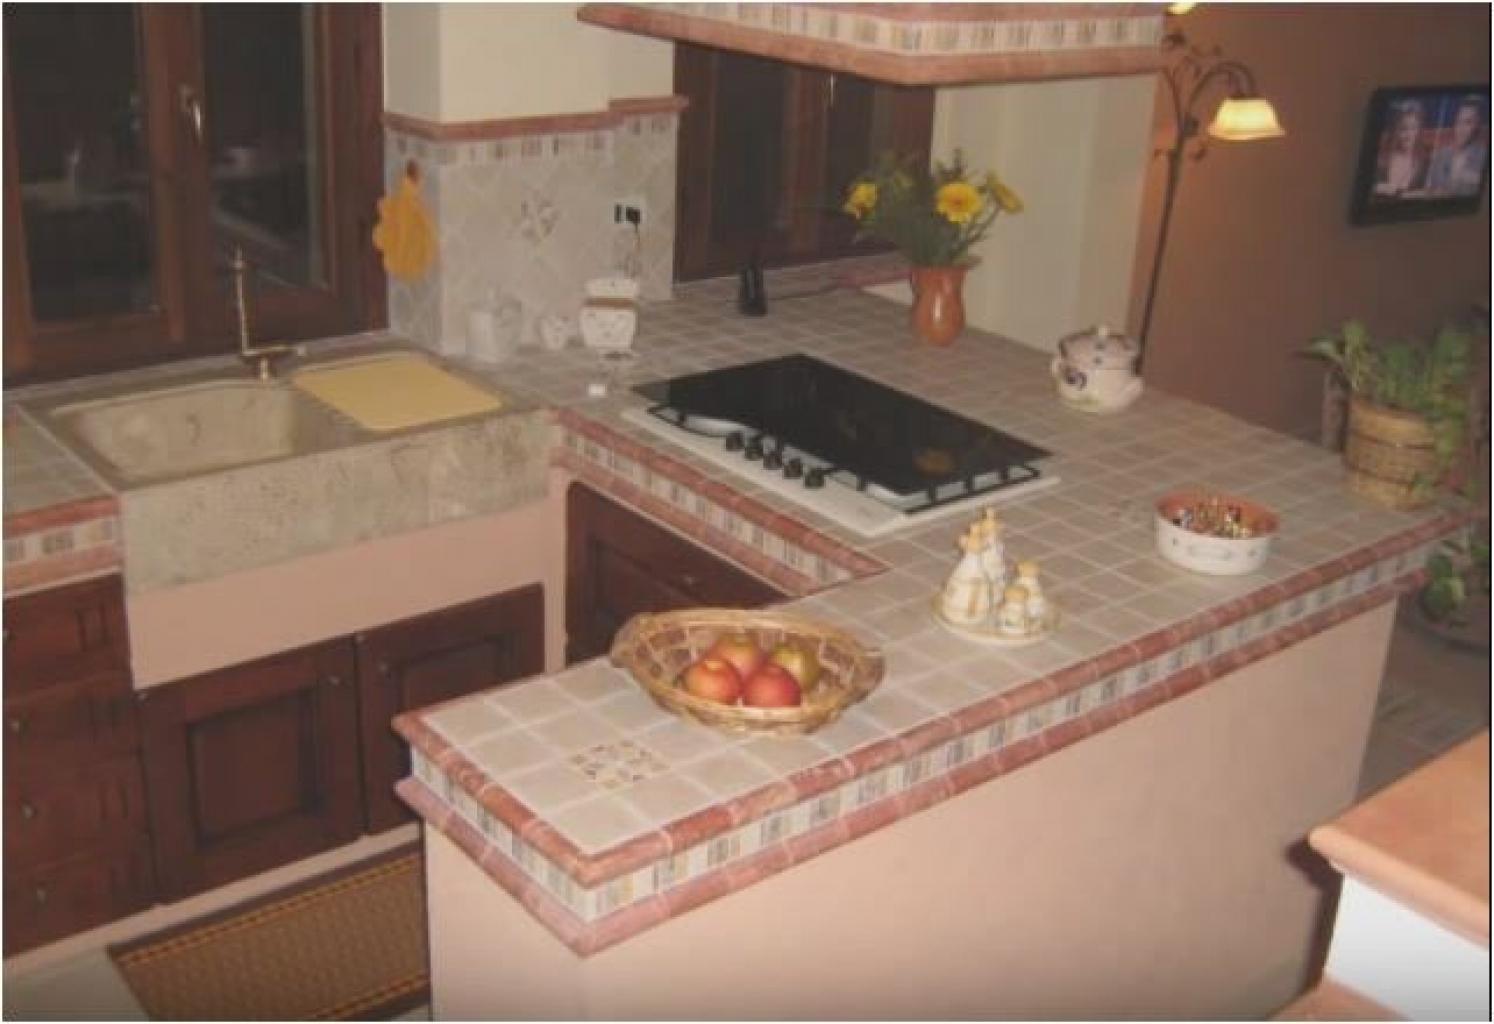 Penisola Cucina In Muratura cucina penisola in muratura e gres